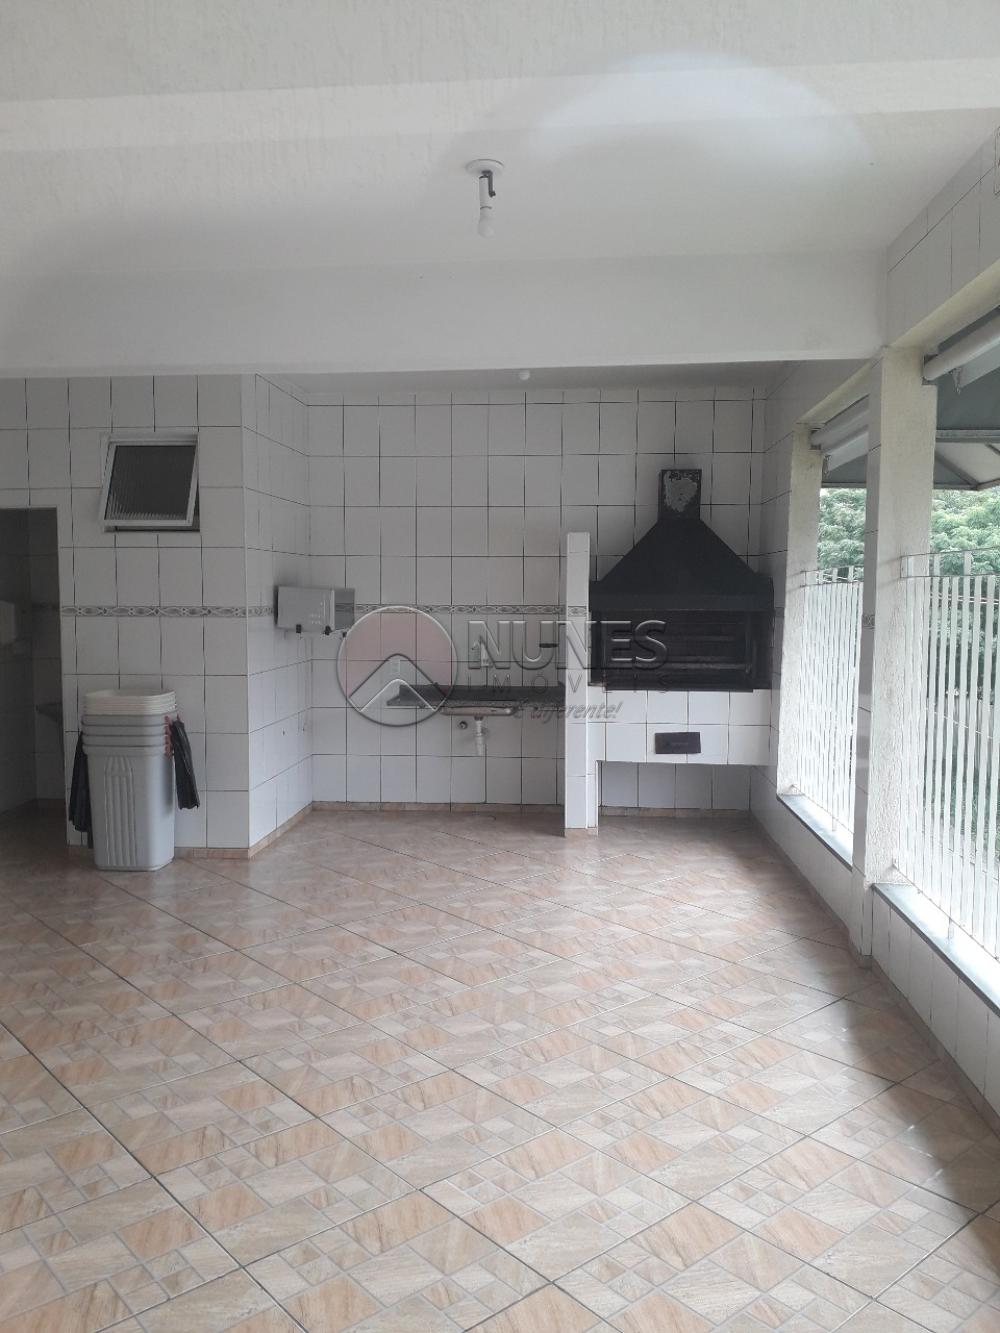 Alugar Casa / Sobrado em Condominio em São Paulo apenas R$ 1.000,00 - Foto 23